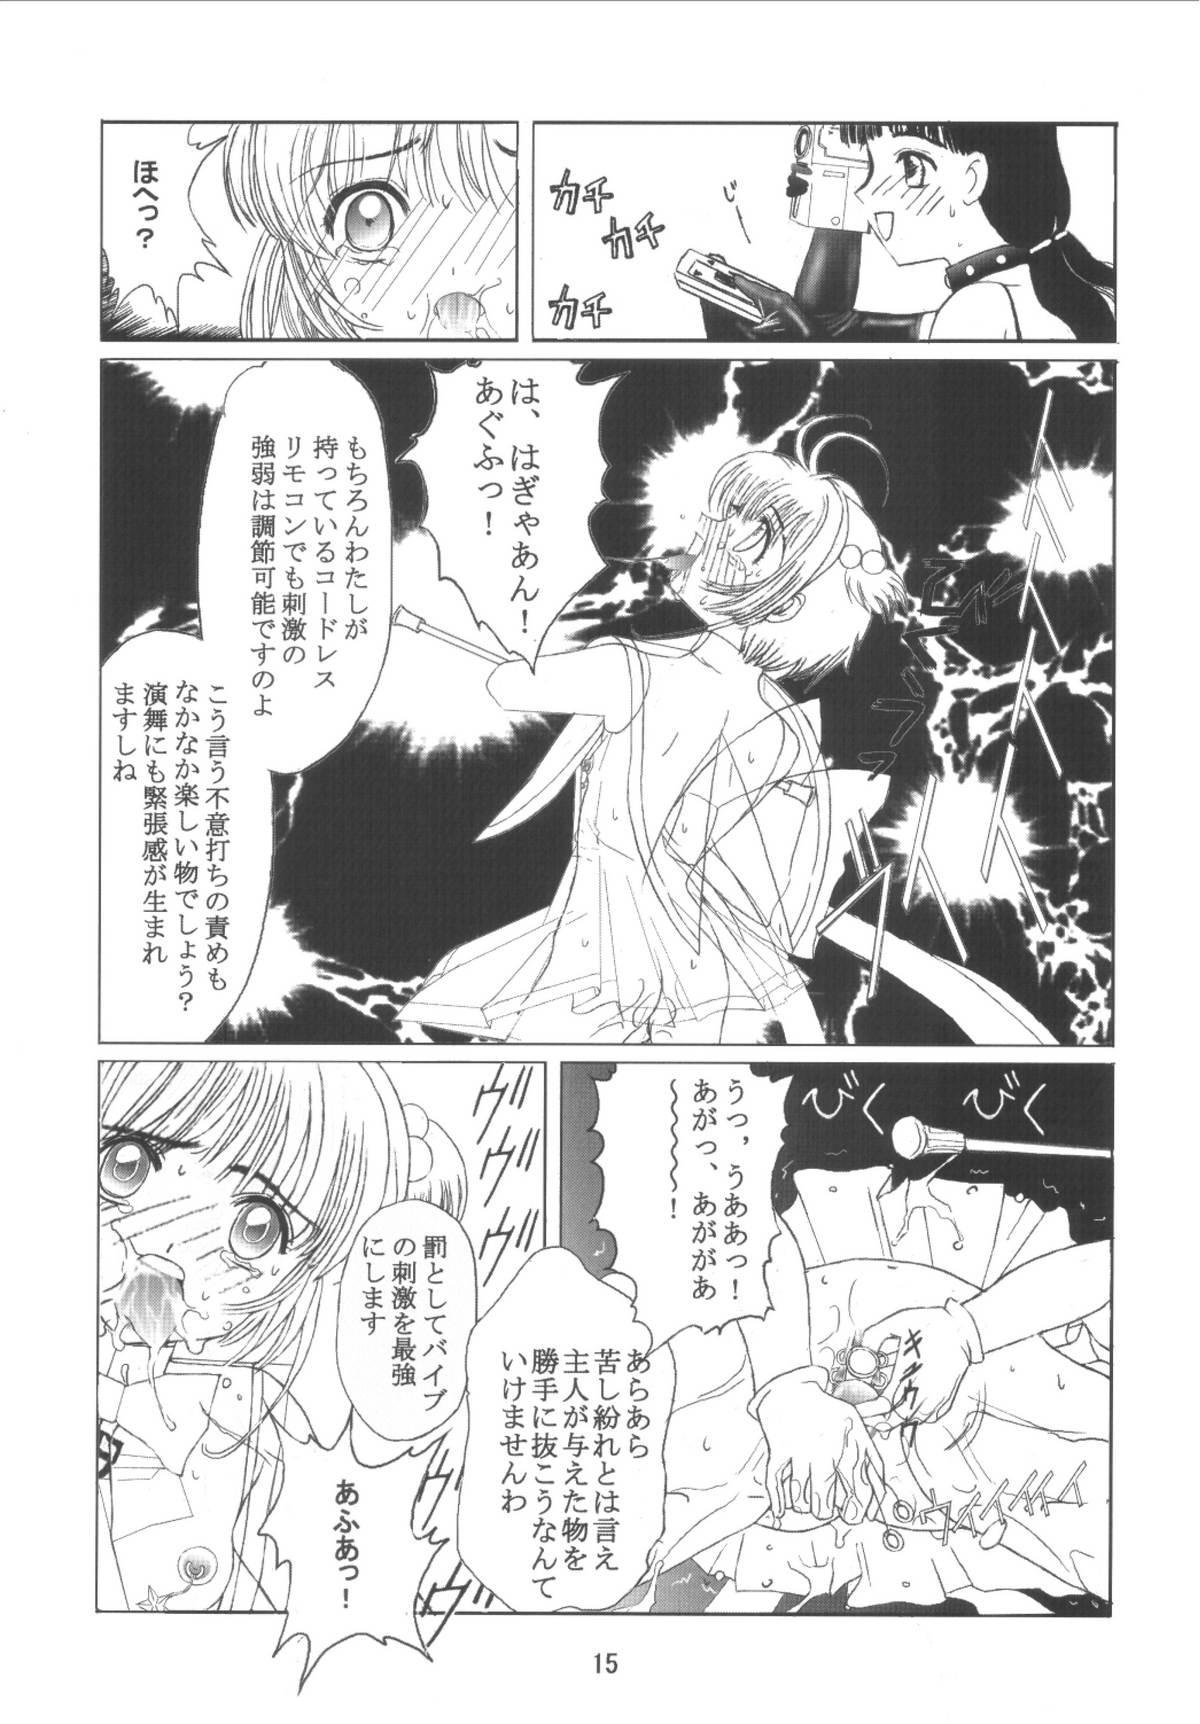 Kuuronziyou 10 Sakura-chan de Asobou 5 14